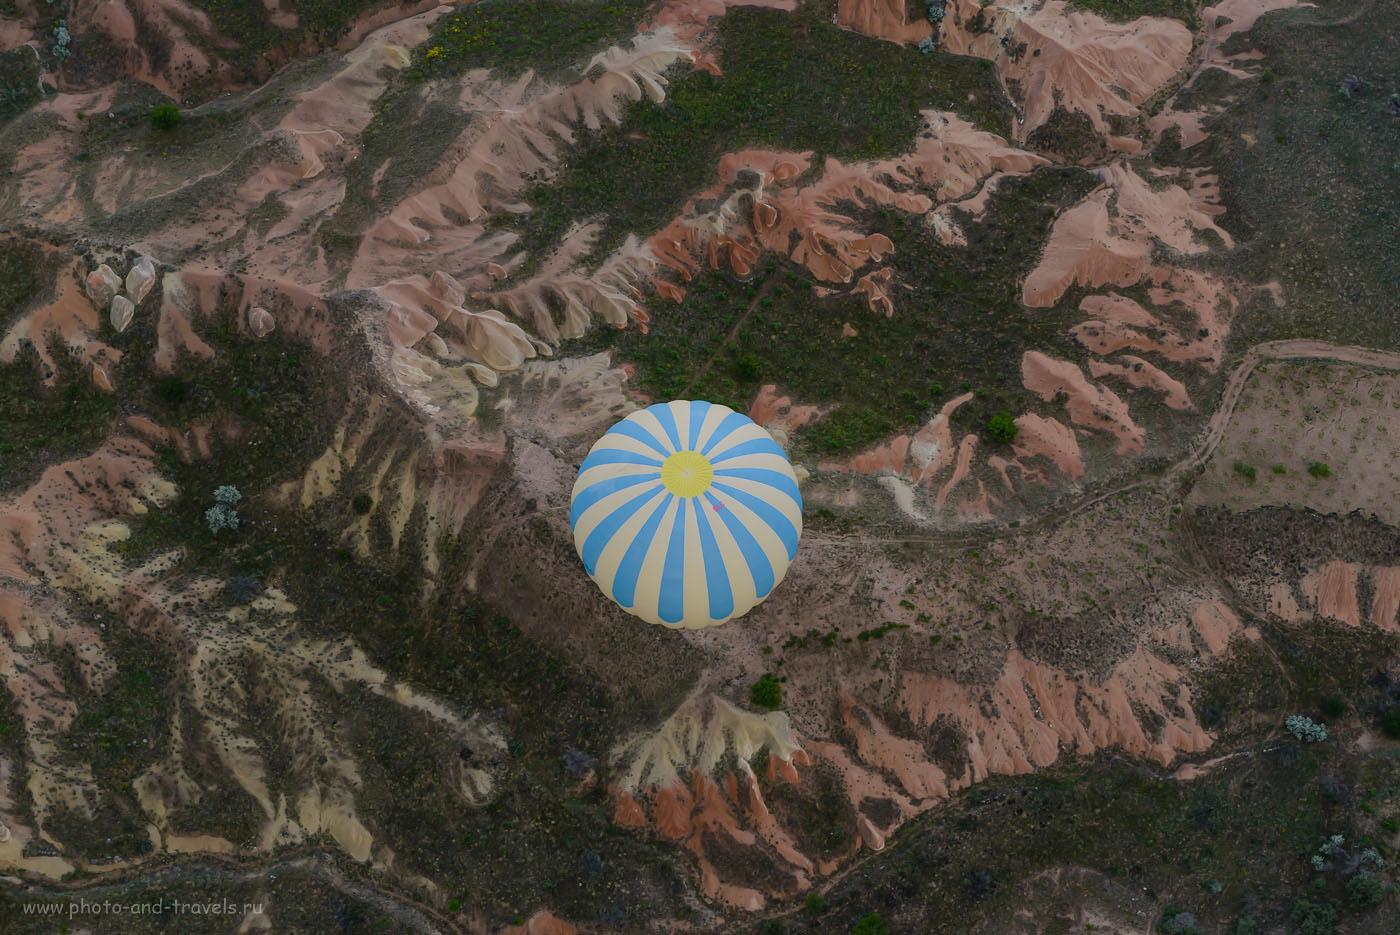 Фотография 13. Воздушный шар. Вид на Каппадокию сверху. Отзывы туристов об отдыхе в Турции самостоятельно. 1/160, -0.67, 8.0, 800, 70.